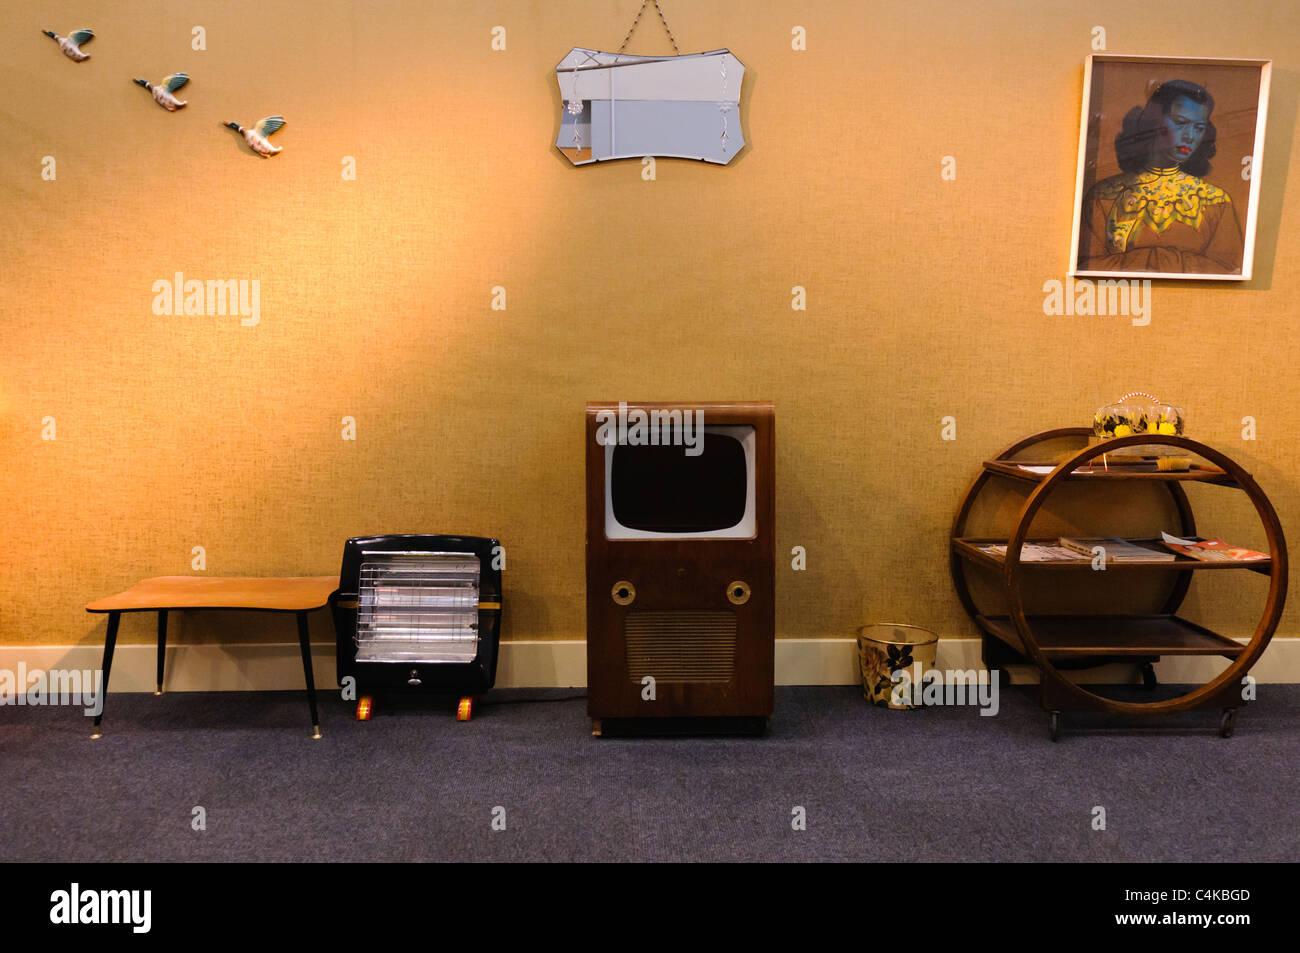 Stilisierte Wohnzimmer aus den 50er / 60er Jahre Stockfoto, Bild ...